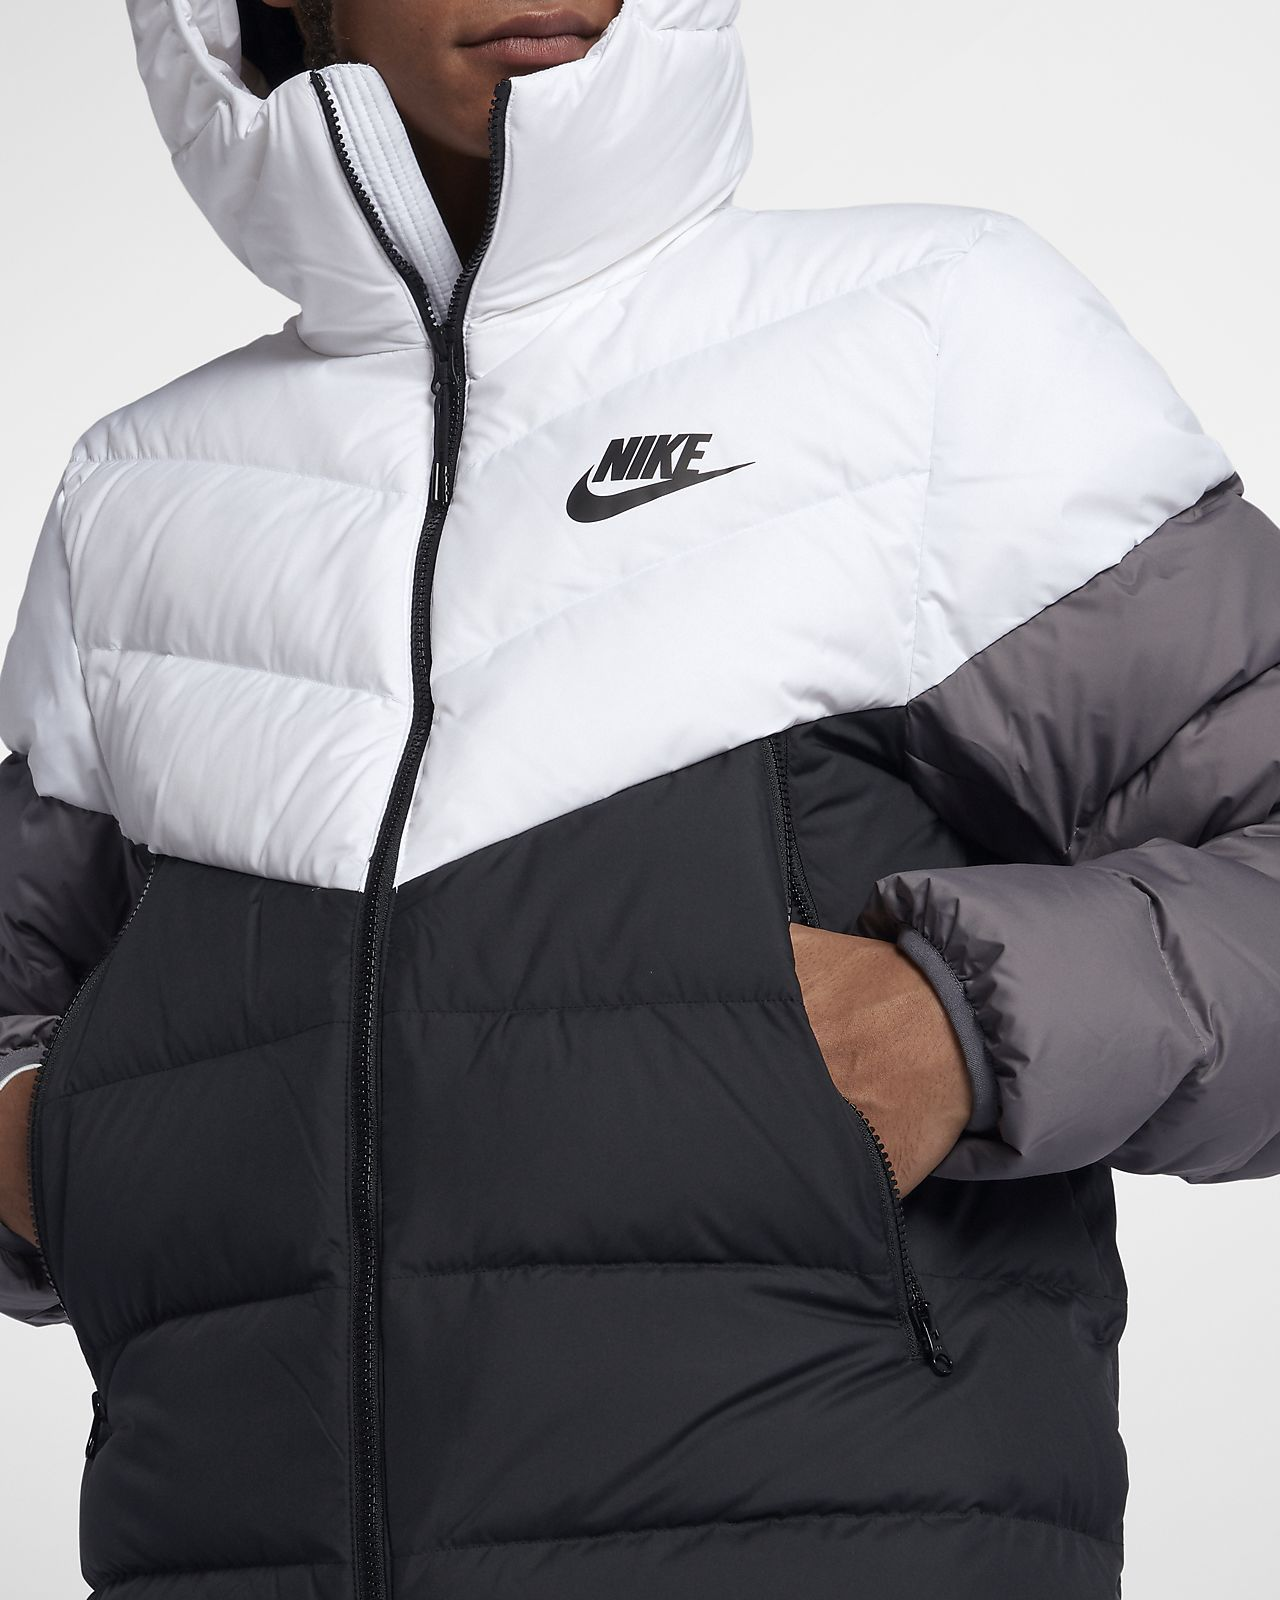 Nike Sportswear Windrunner Down Fill Hooded Puffer Jacket Nike Com Nike Sportswear Puffer Jackets Jackets [ 1600 x 1280 Pixel ]